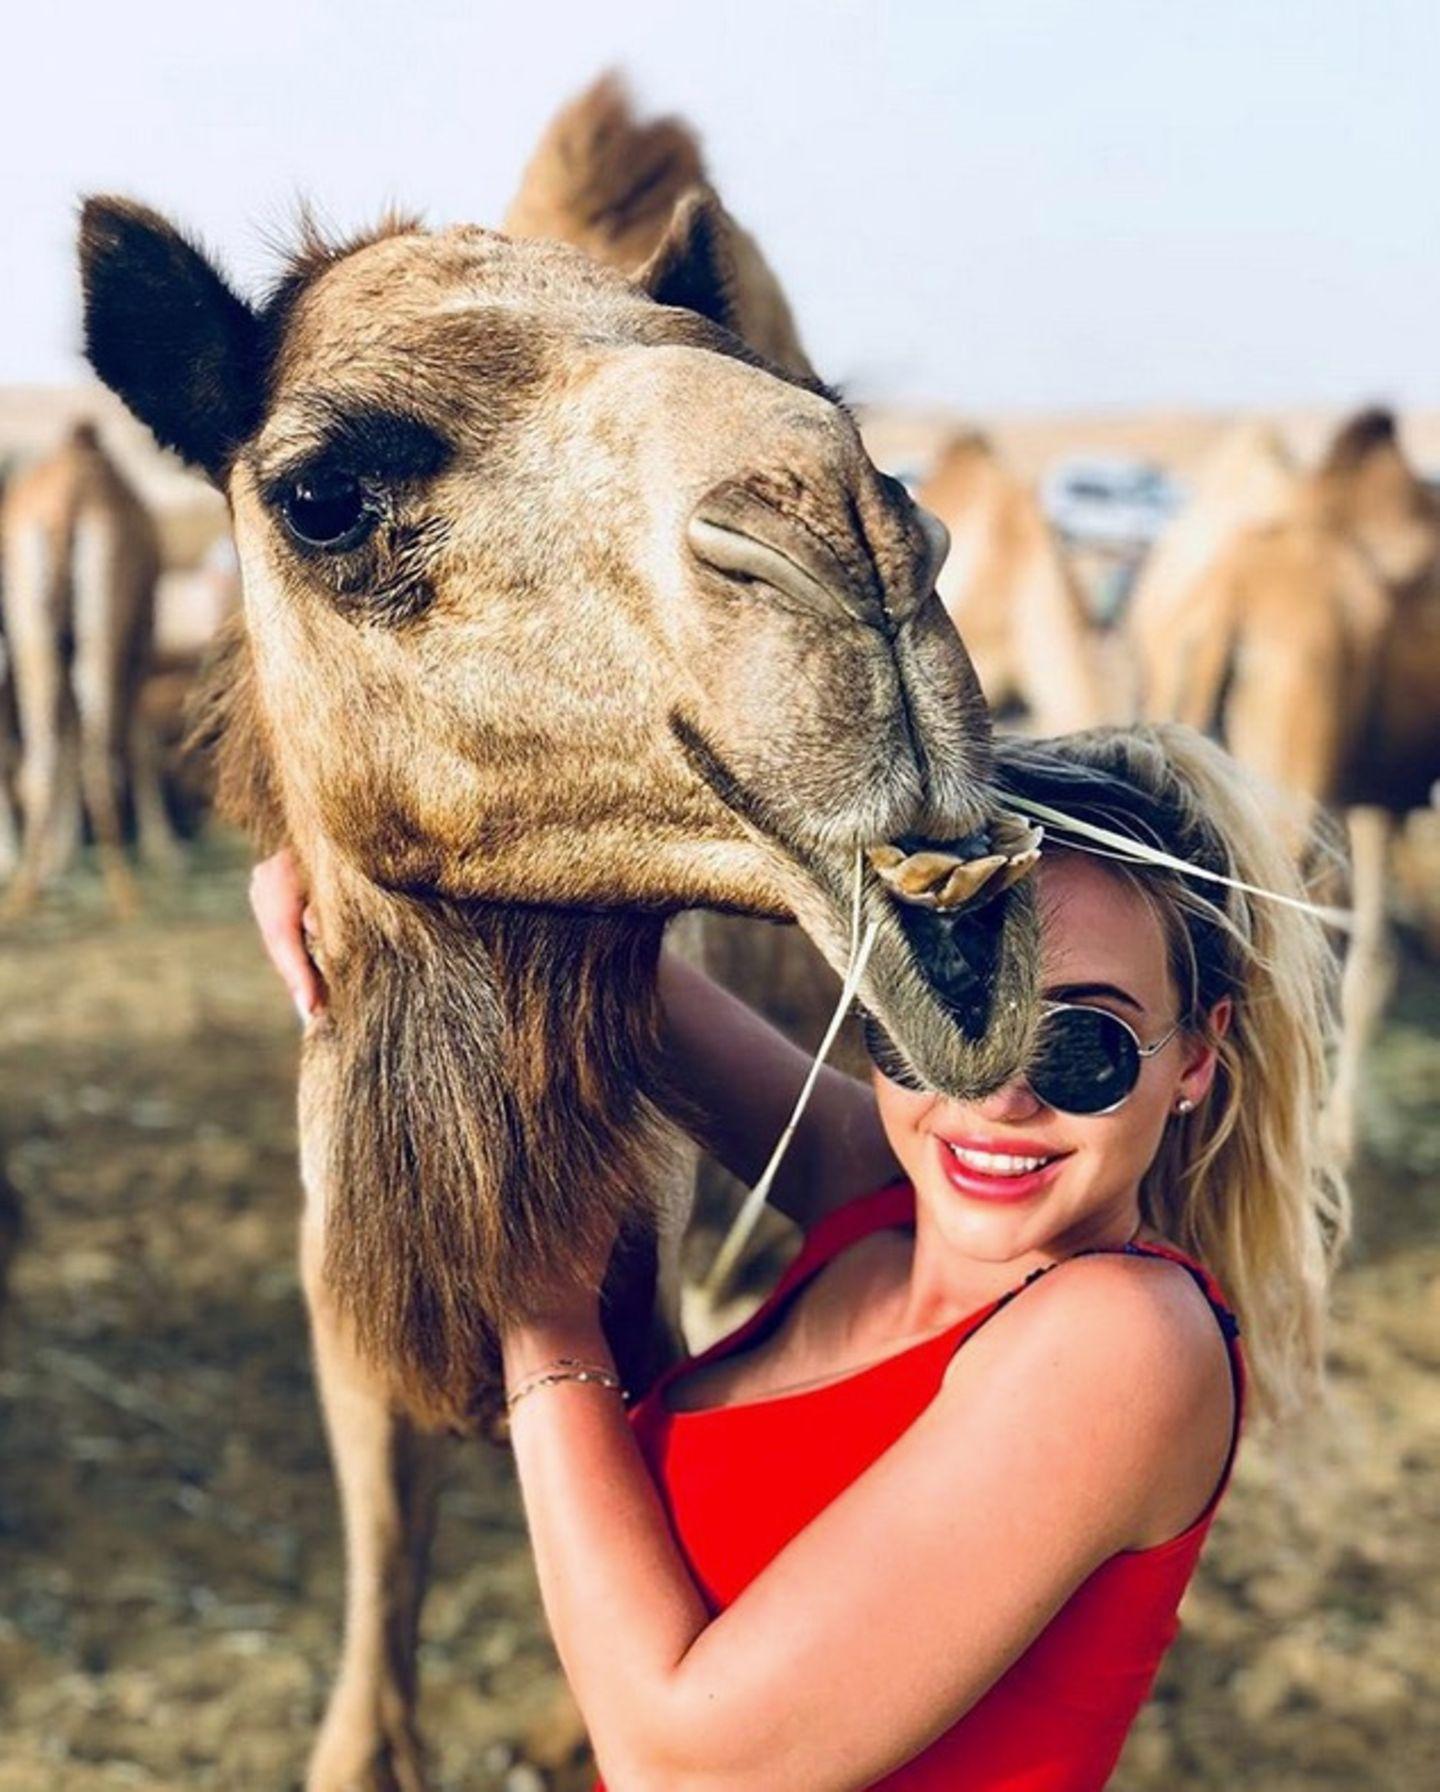 """Cathy Lugner hat einen Neuen. """"Endlich ist es raus: Ich bin wieder vergeben! Was sagt ihr zu meinem neuen Freund?"""", postet die quirlige Blondine auf ihrem Instagram-Account scherzend."""